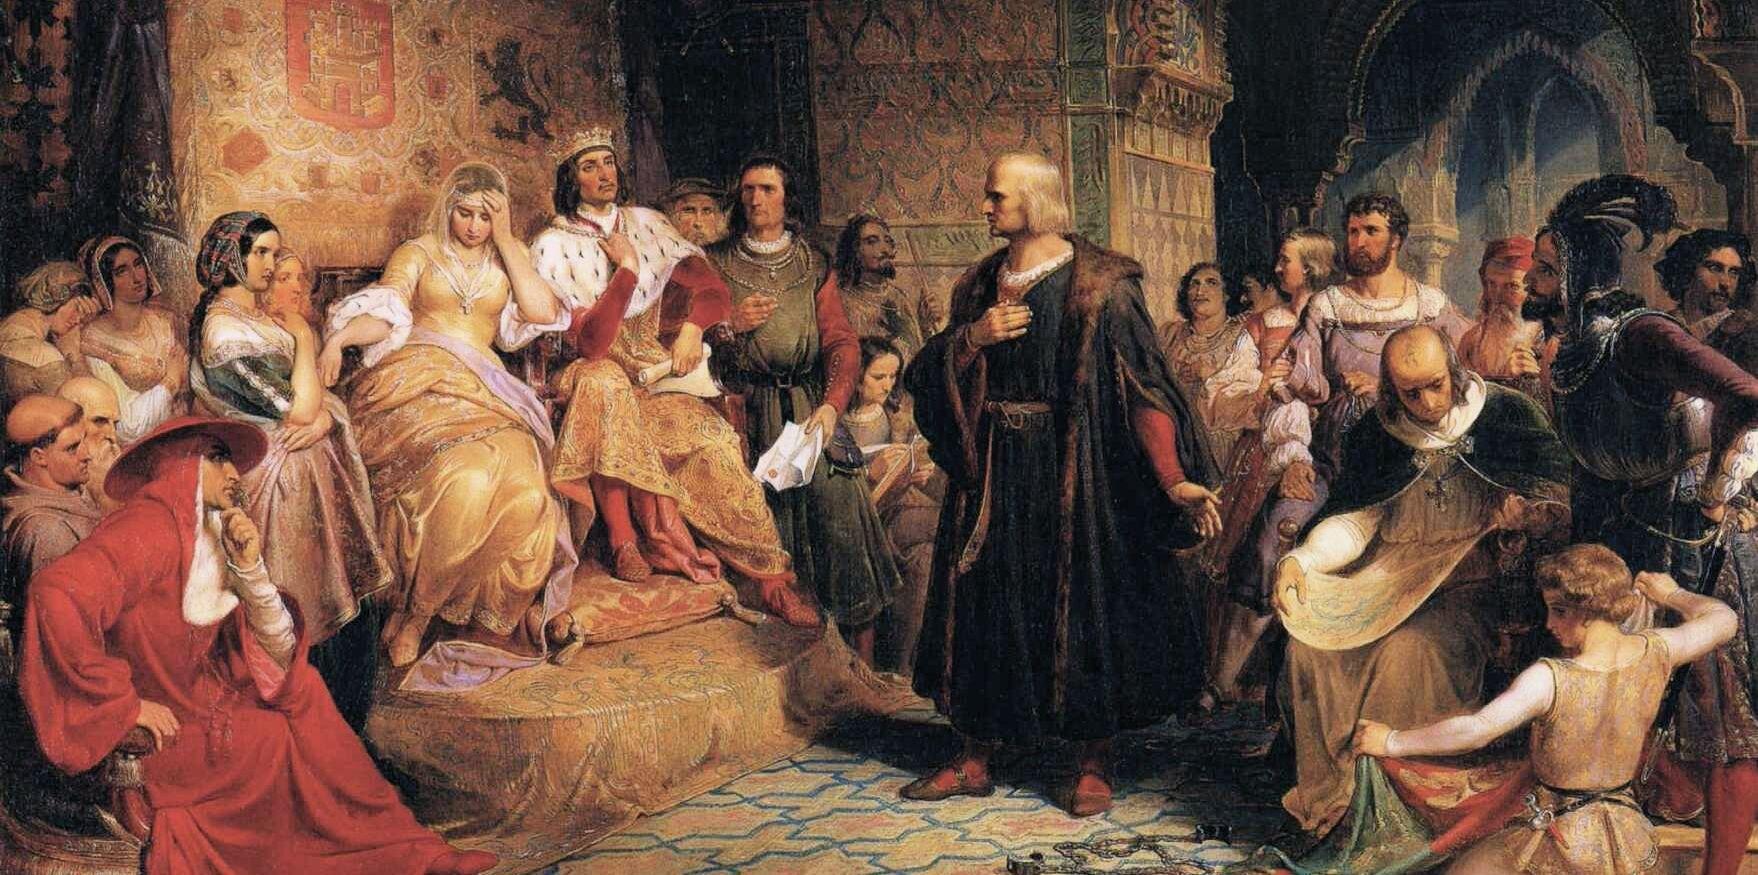 Kolumb przed królową Źródło: Emanuel Leutze, Kolumb przed królową, 1843, domena publiczna.